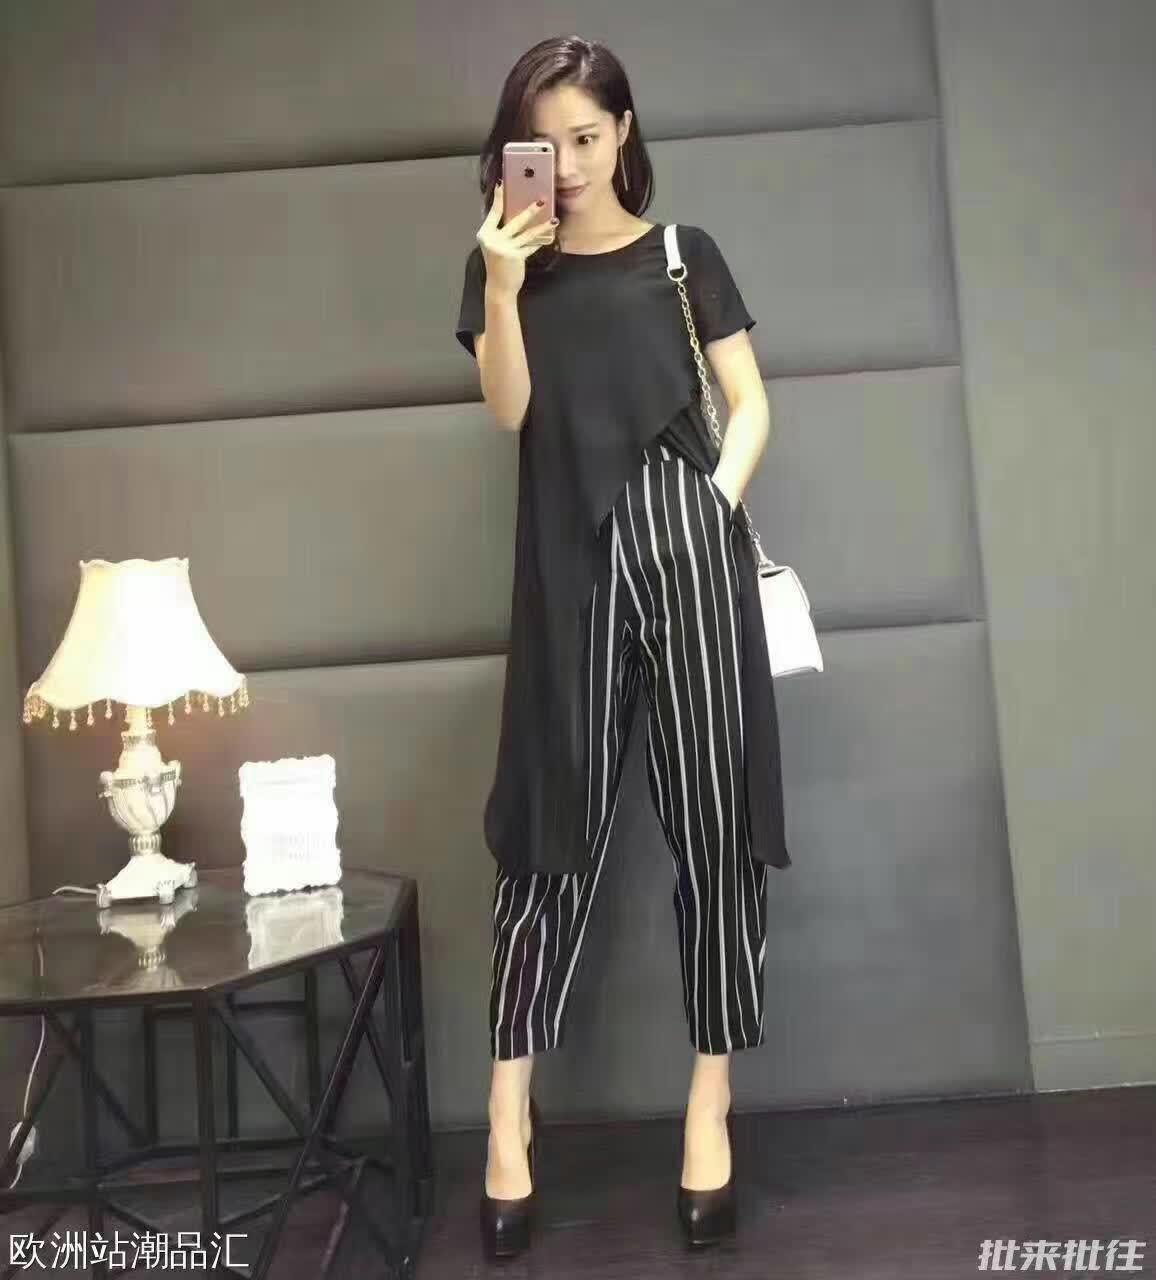 琴之云裳 2017年夏季时尚休闲套装